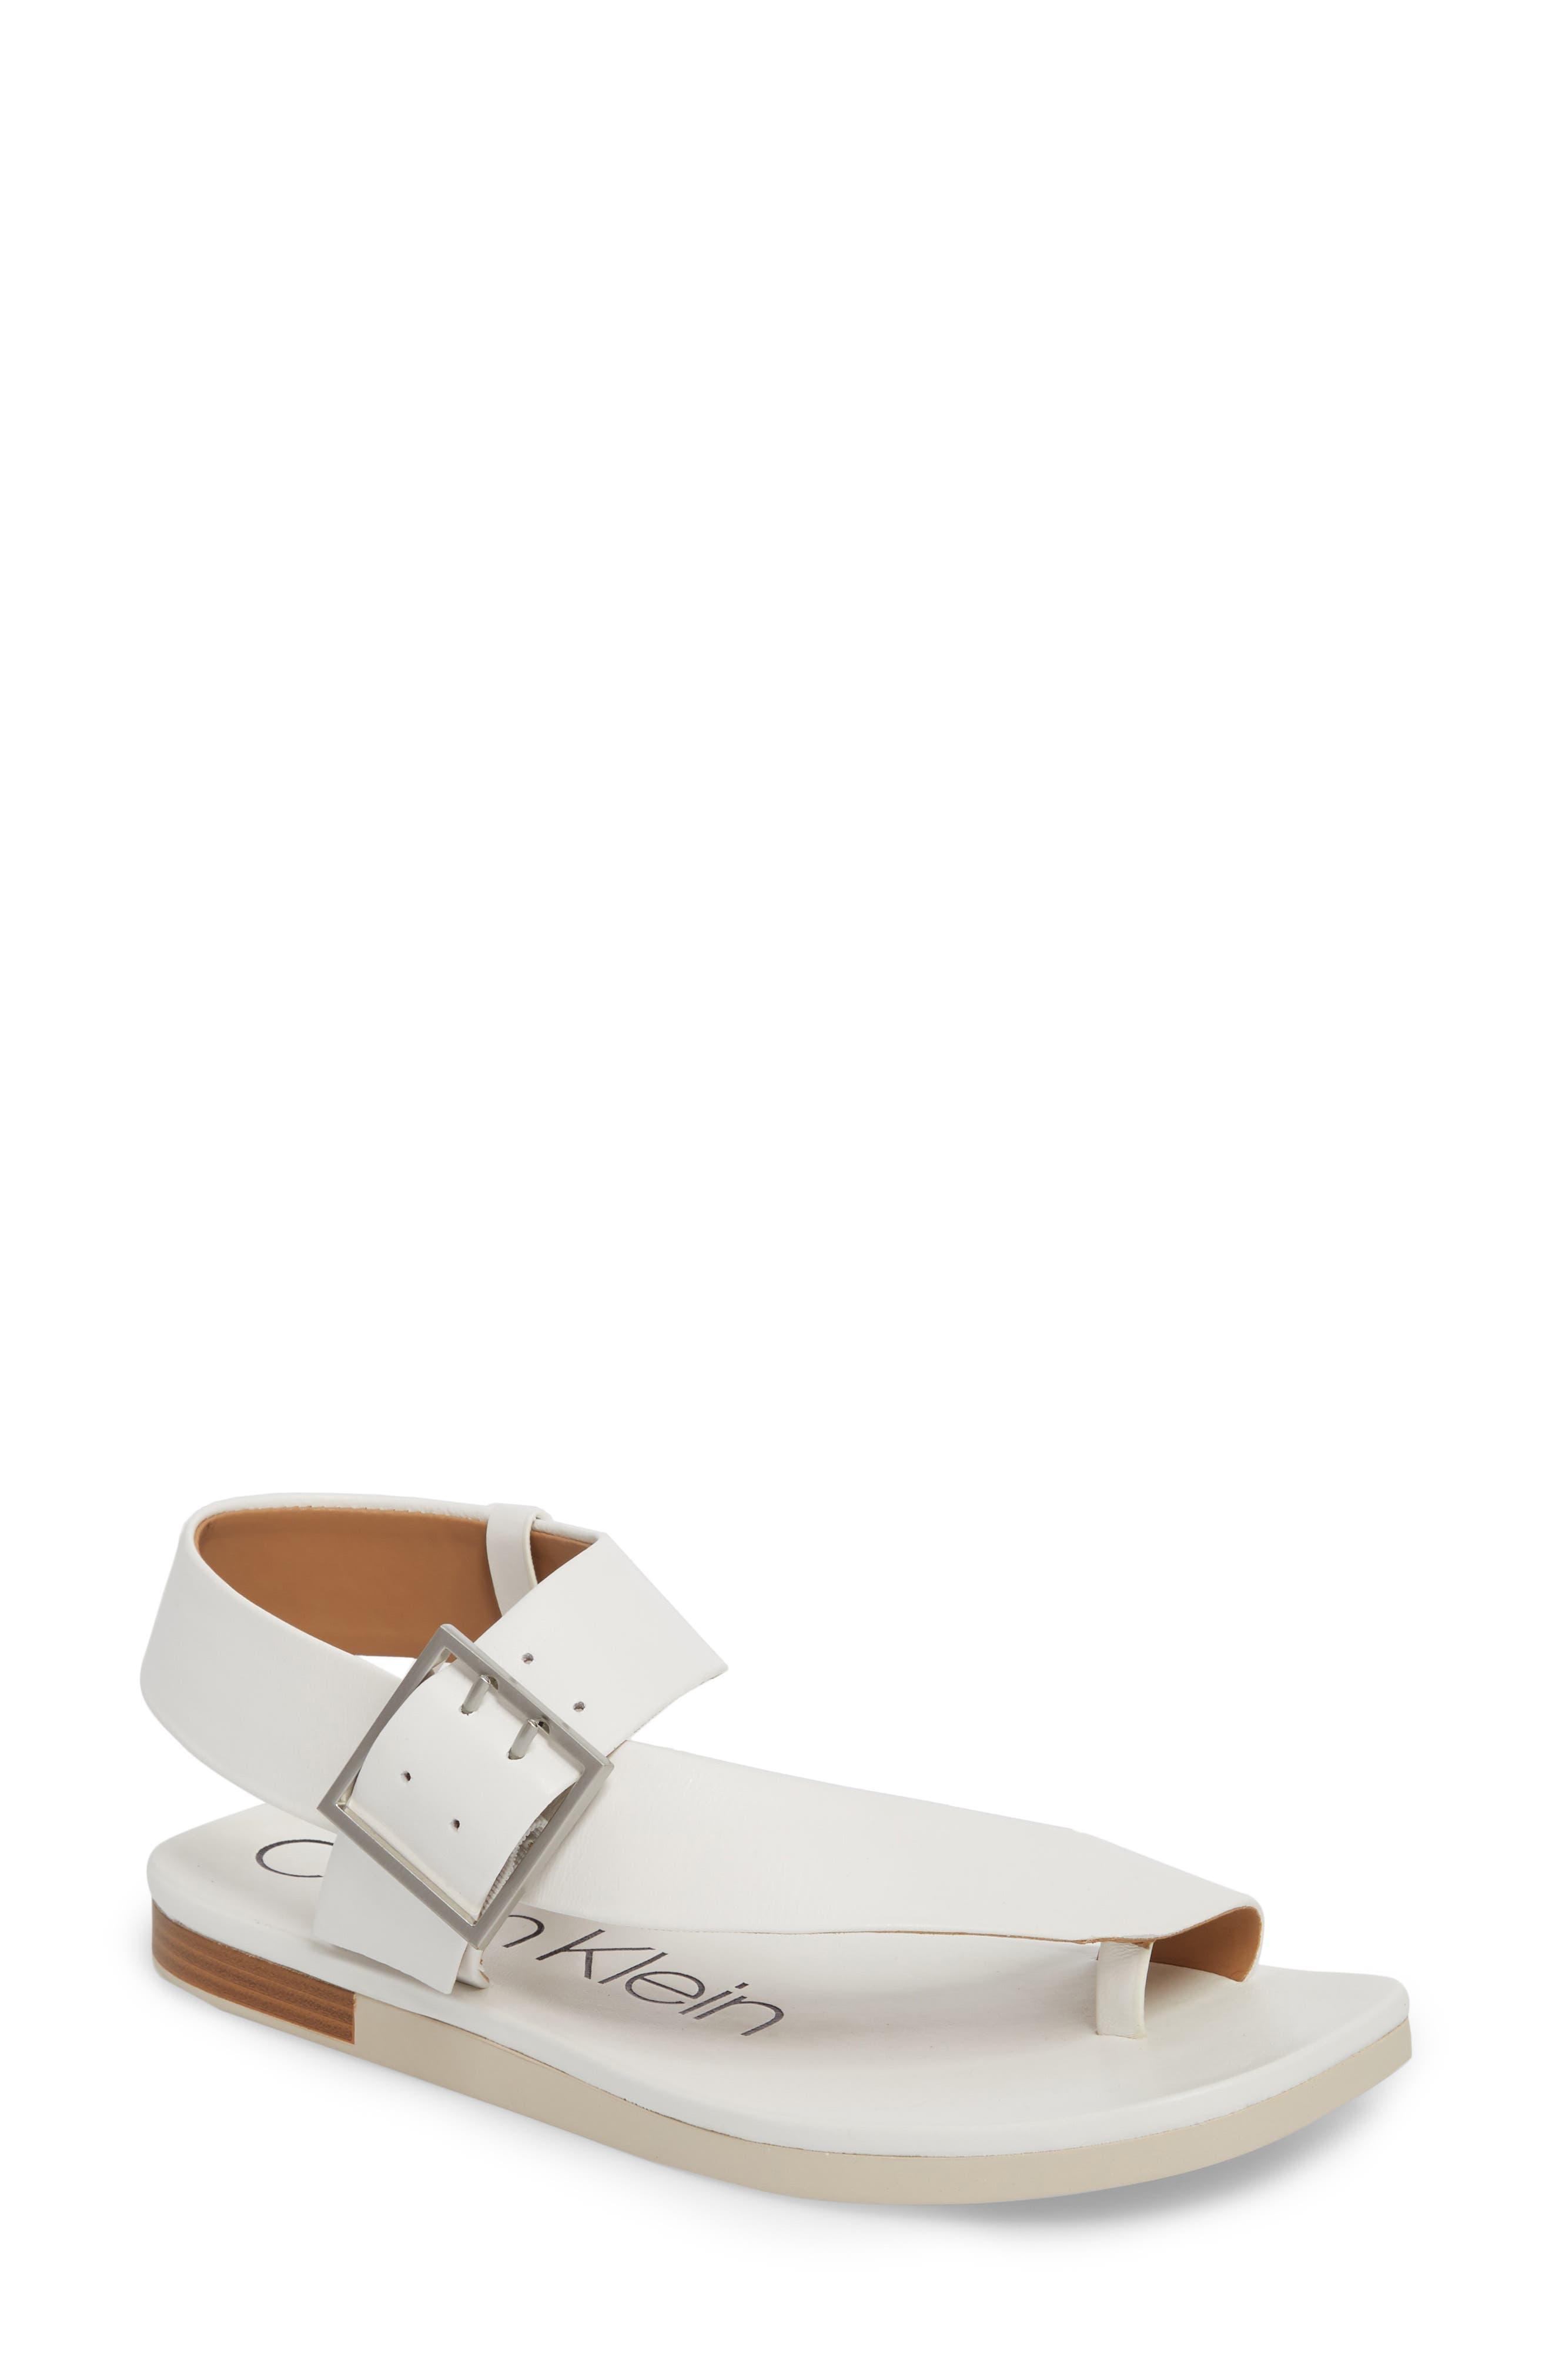 Rivita Sandal,                             Main thumbnail 1, color,                             Platinum White Leather